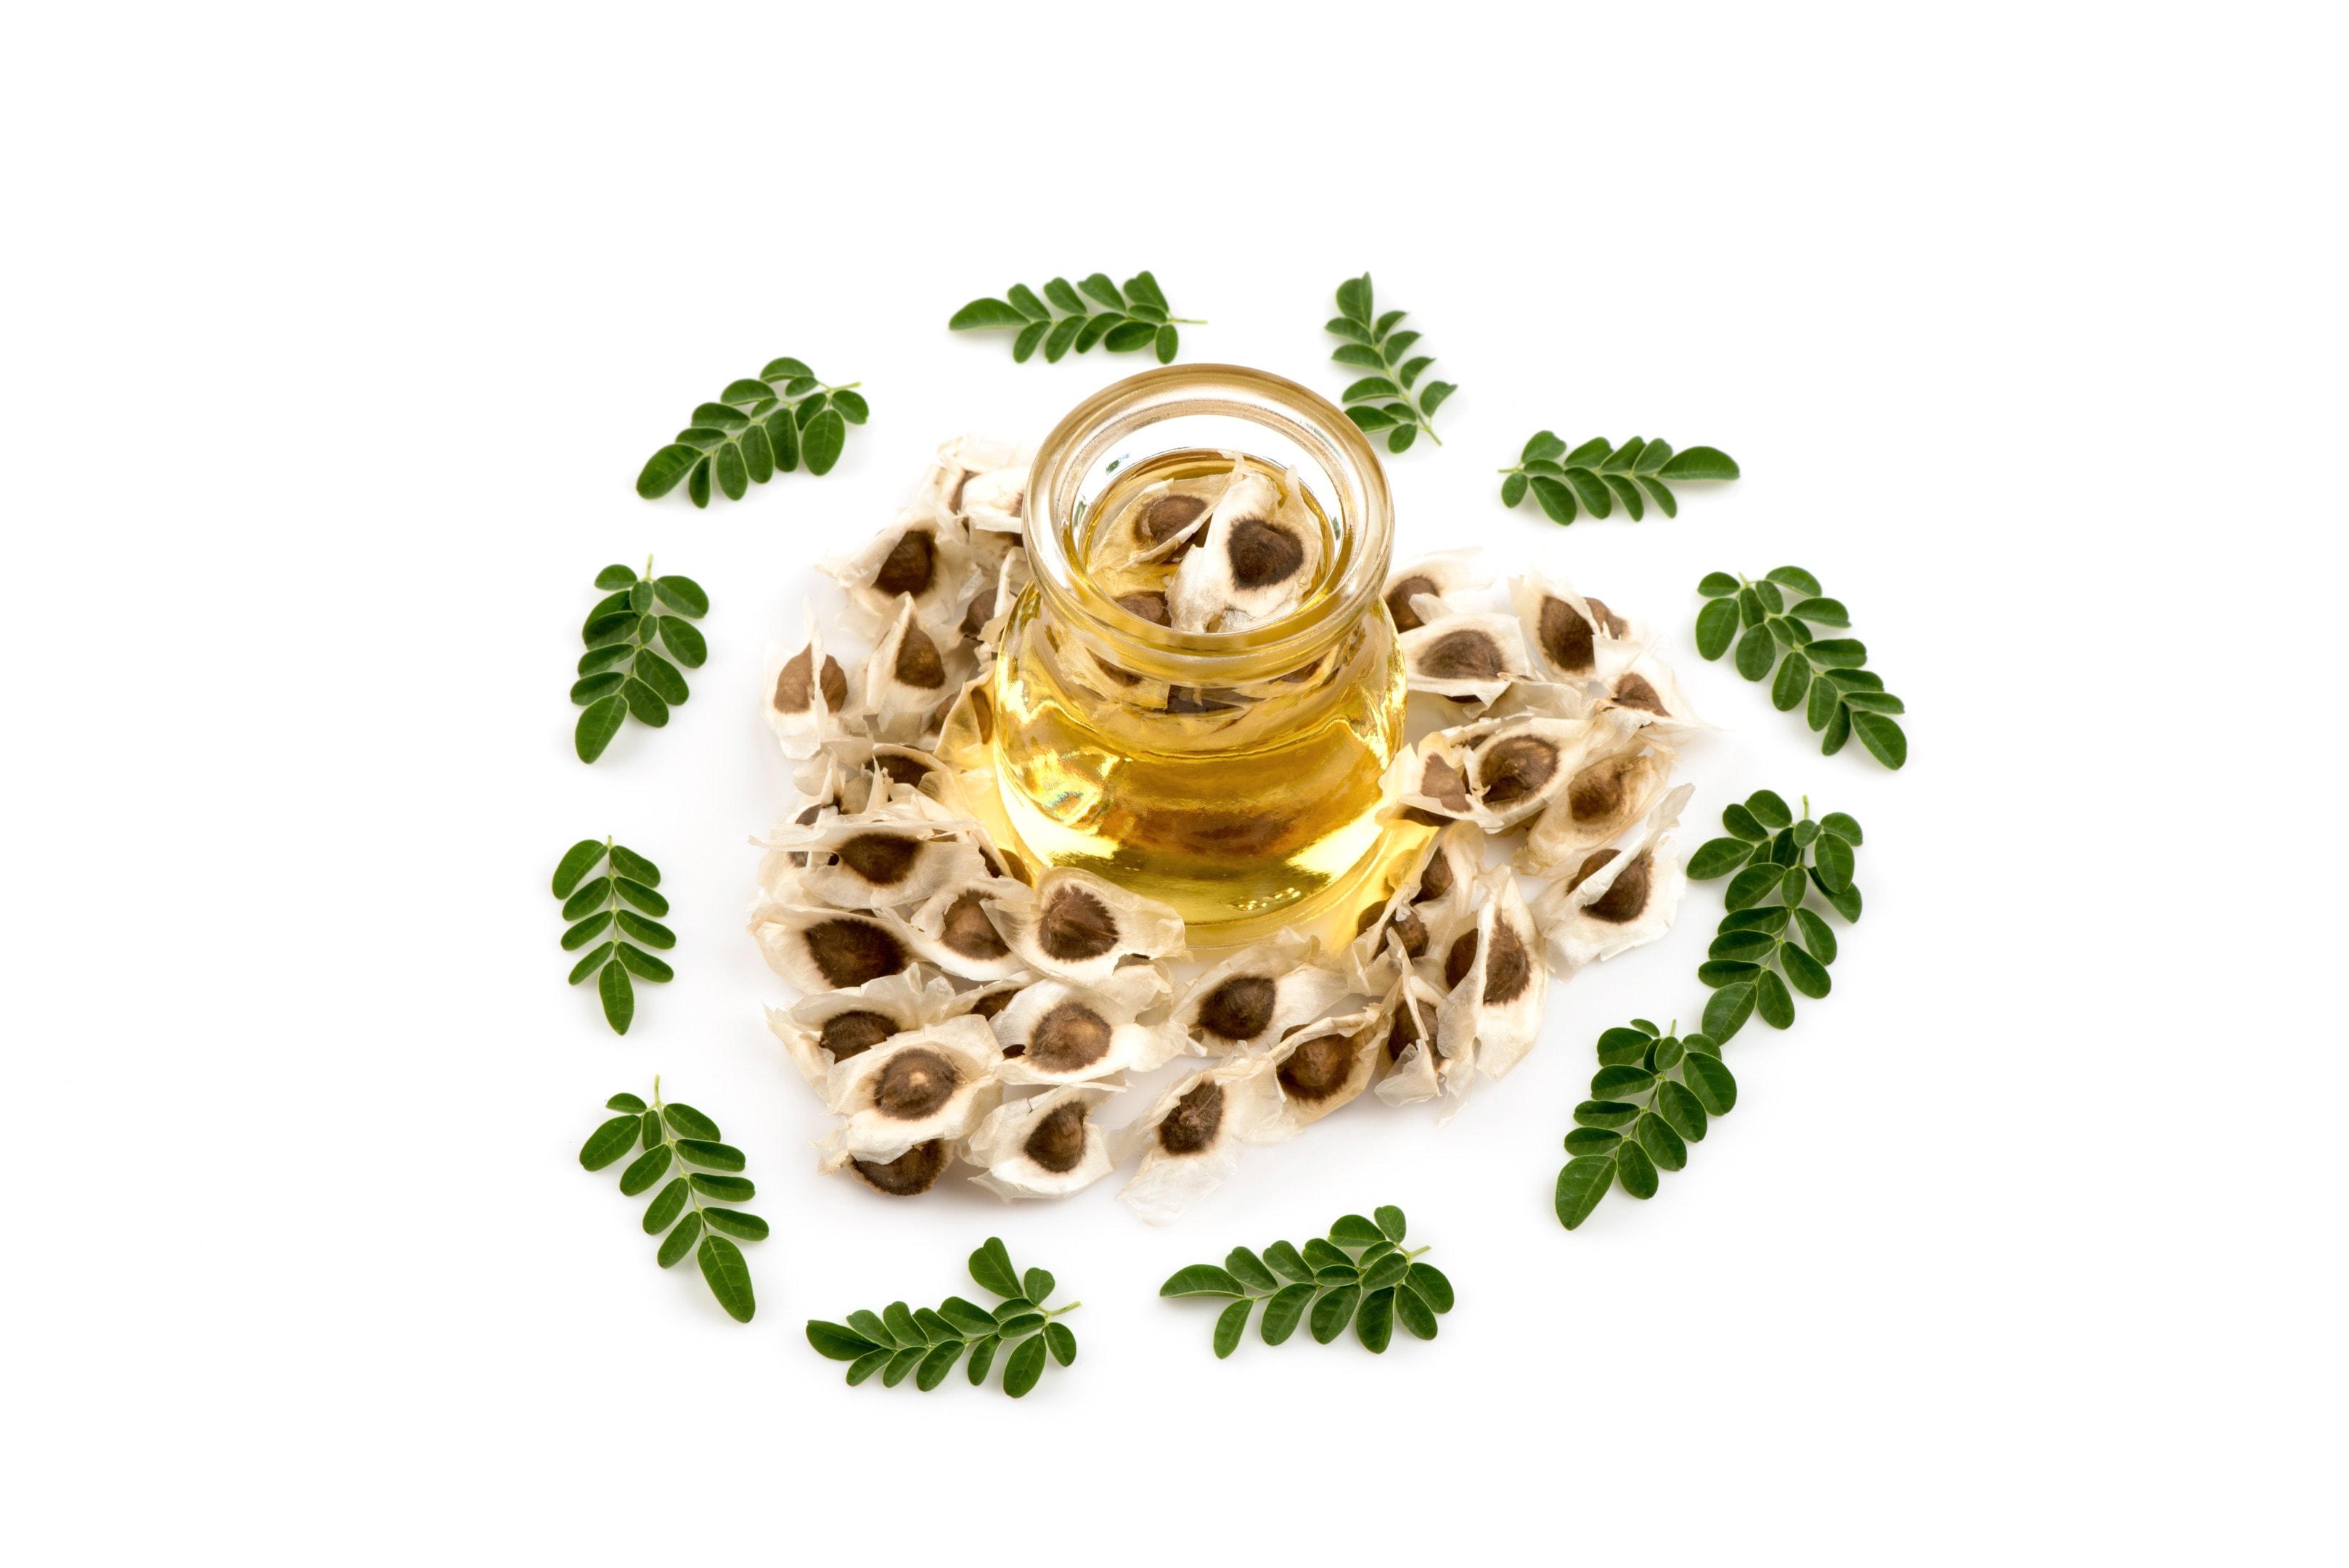 Dried moringa seeds with moringa oil and moringa leaves